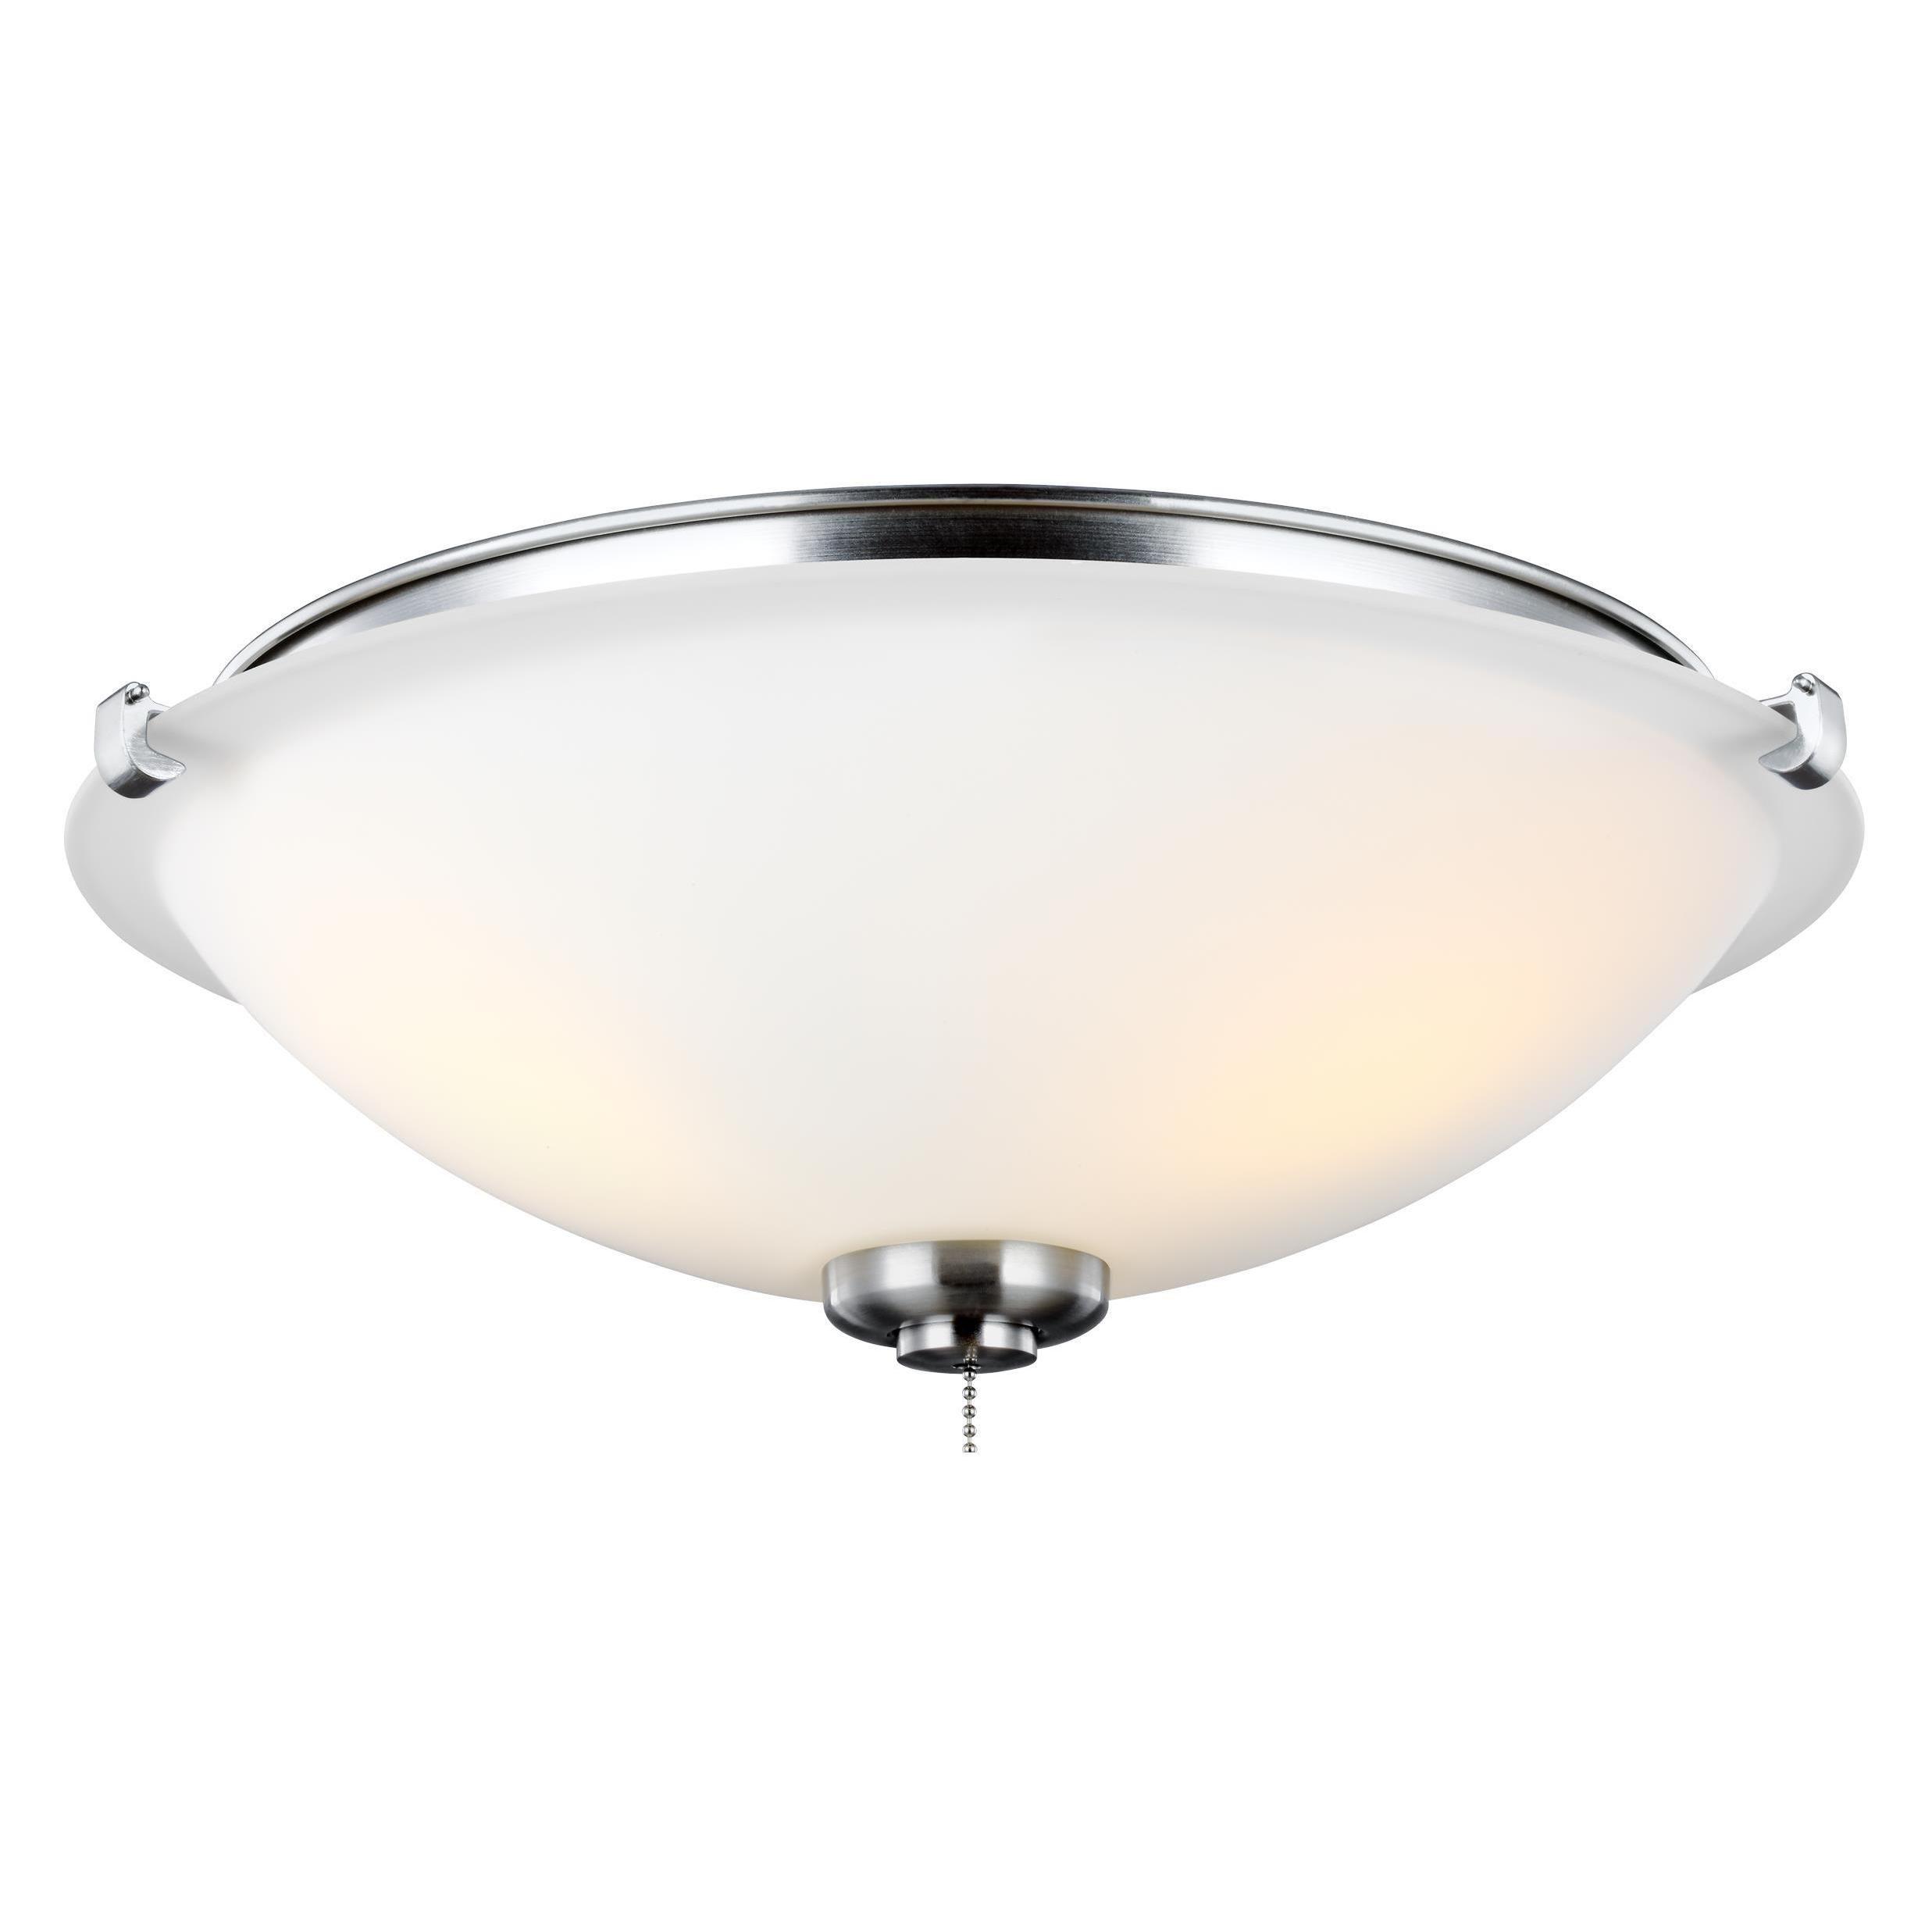 Monte Carlo 3 Light Kit Brushed Steel Silver Ceiling Fan Lights